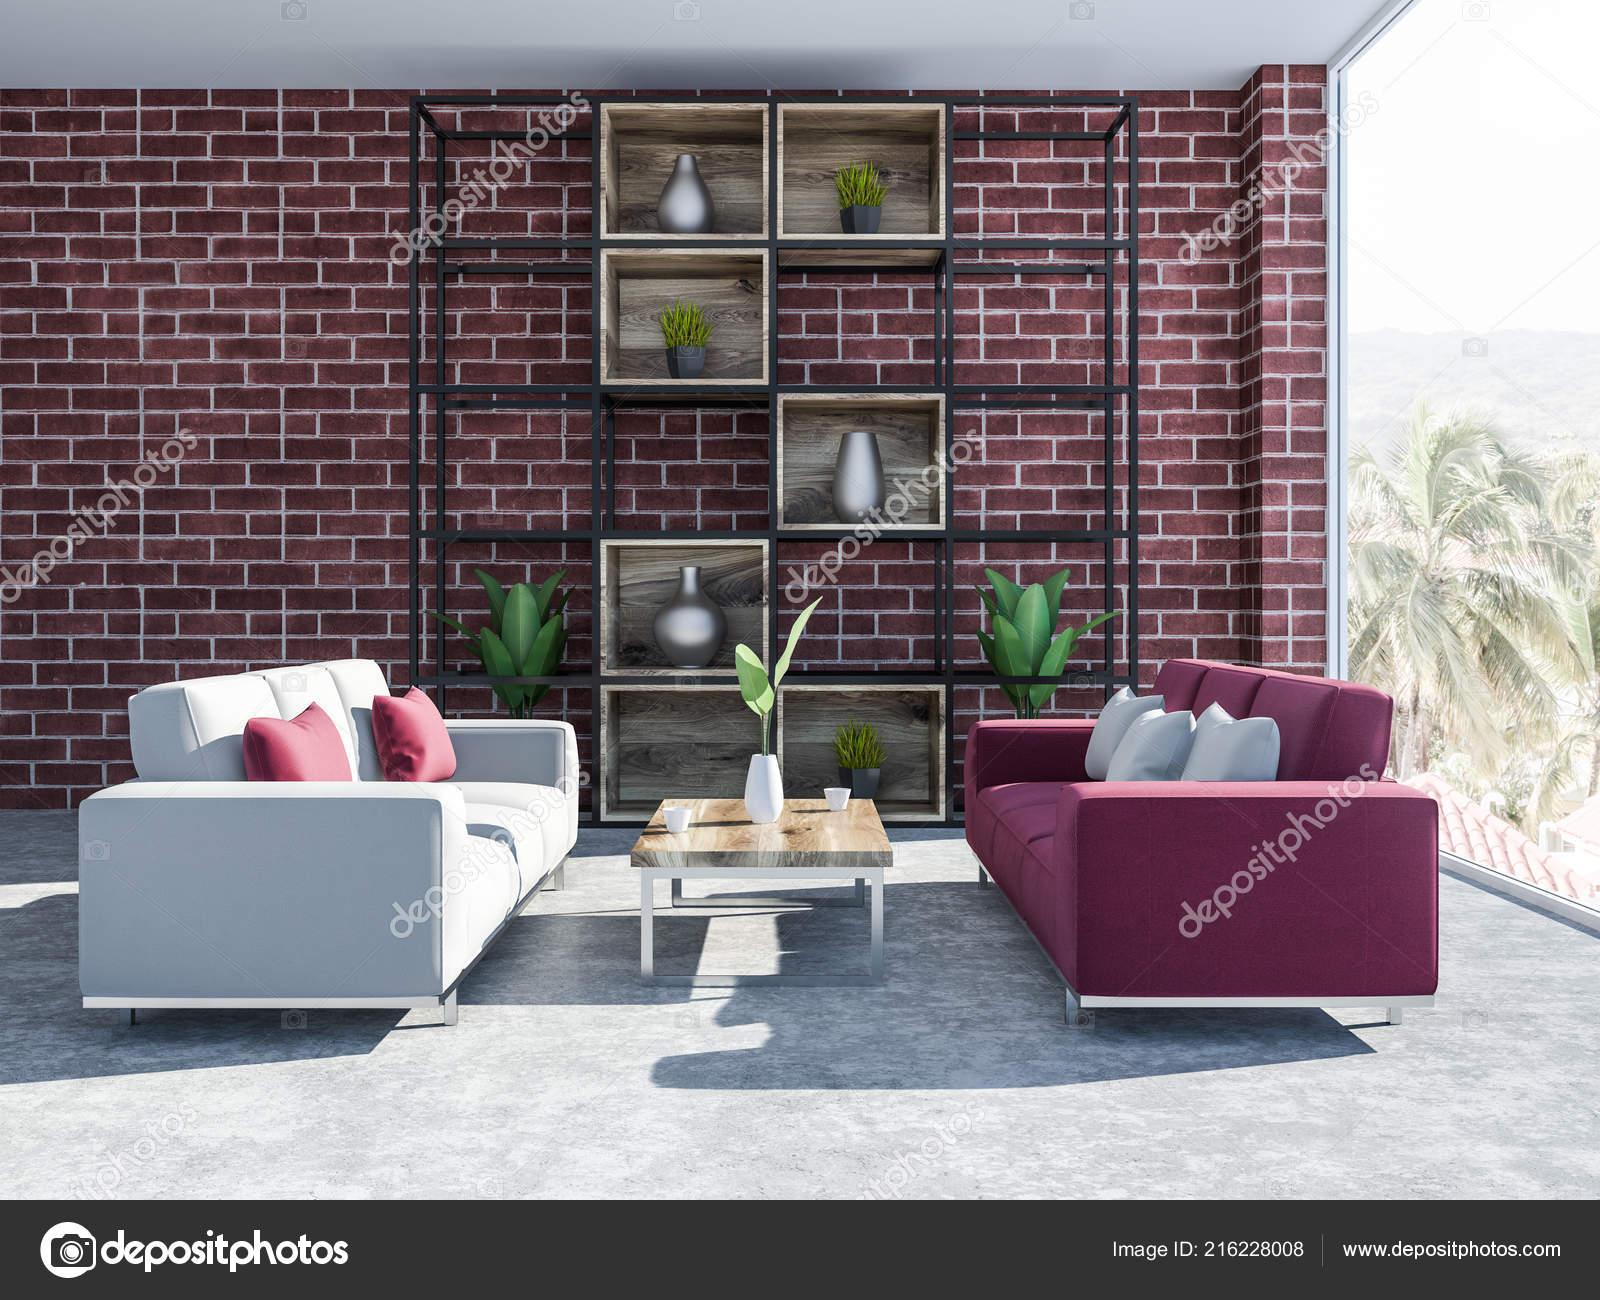 Betonnen Vloer Woonkamer : Baksteen woonkamer interieur met betonnen vloer een kast met vazen